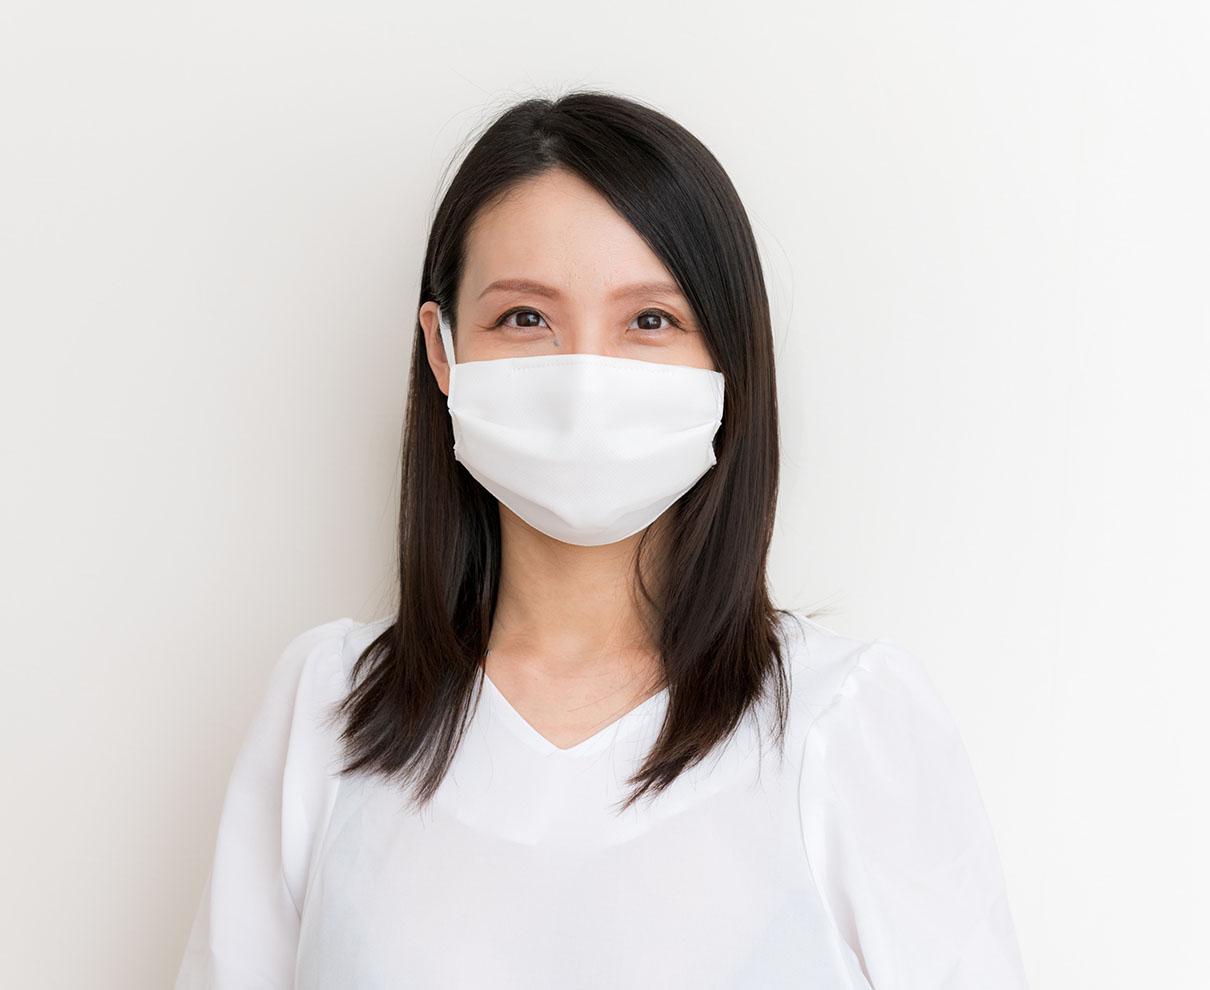 全国から注文が殺到! 高品質で肌に優しい「シルクマスク」で毎日を快適に。